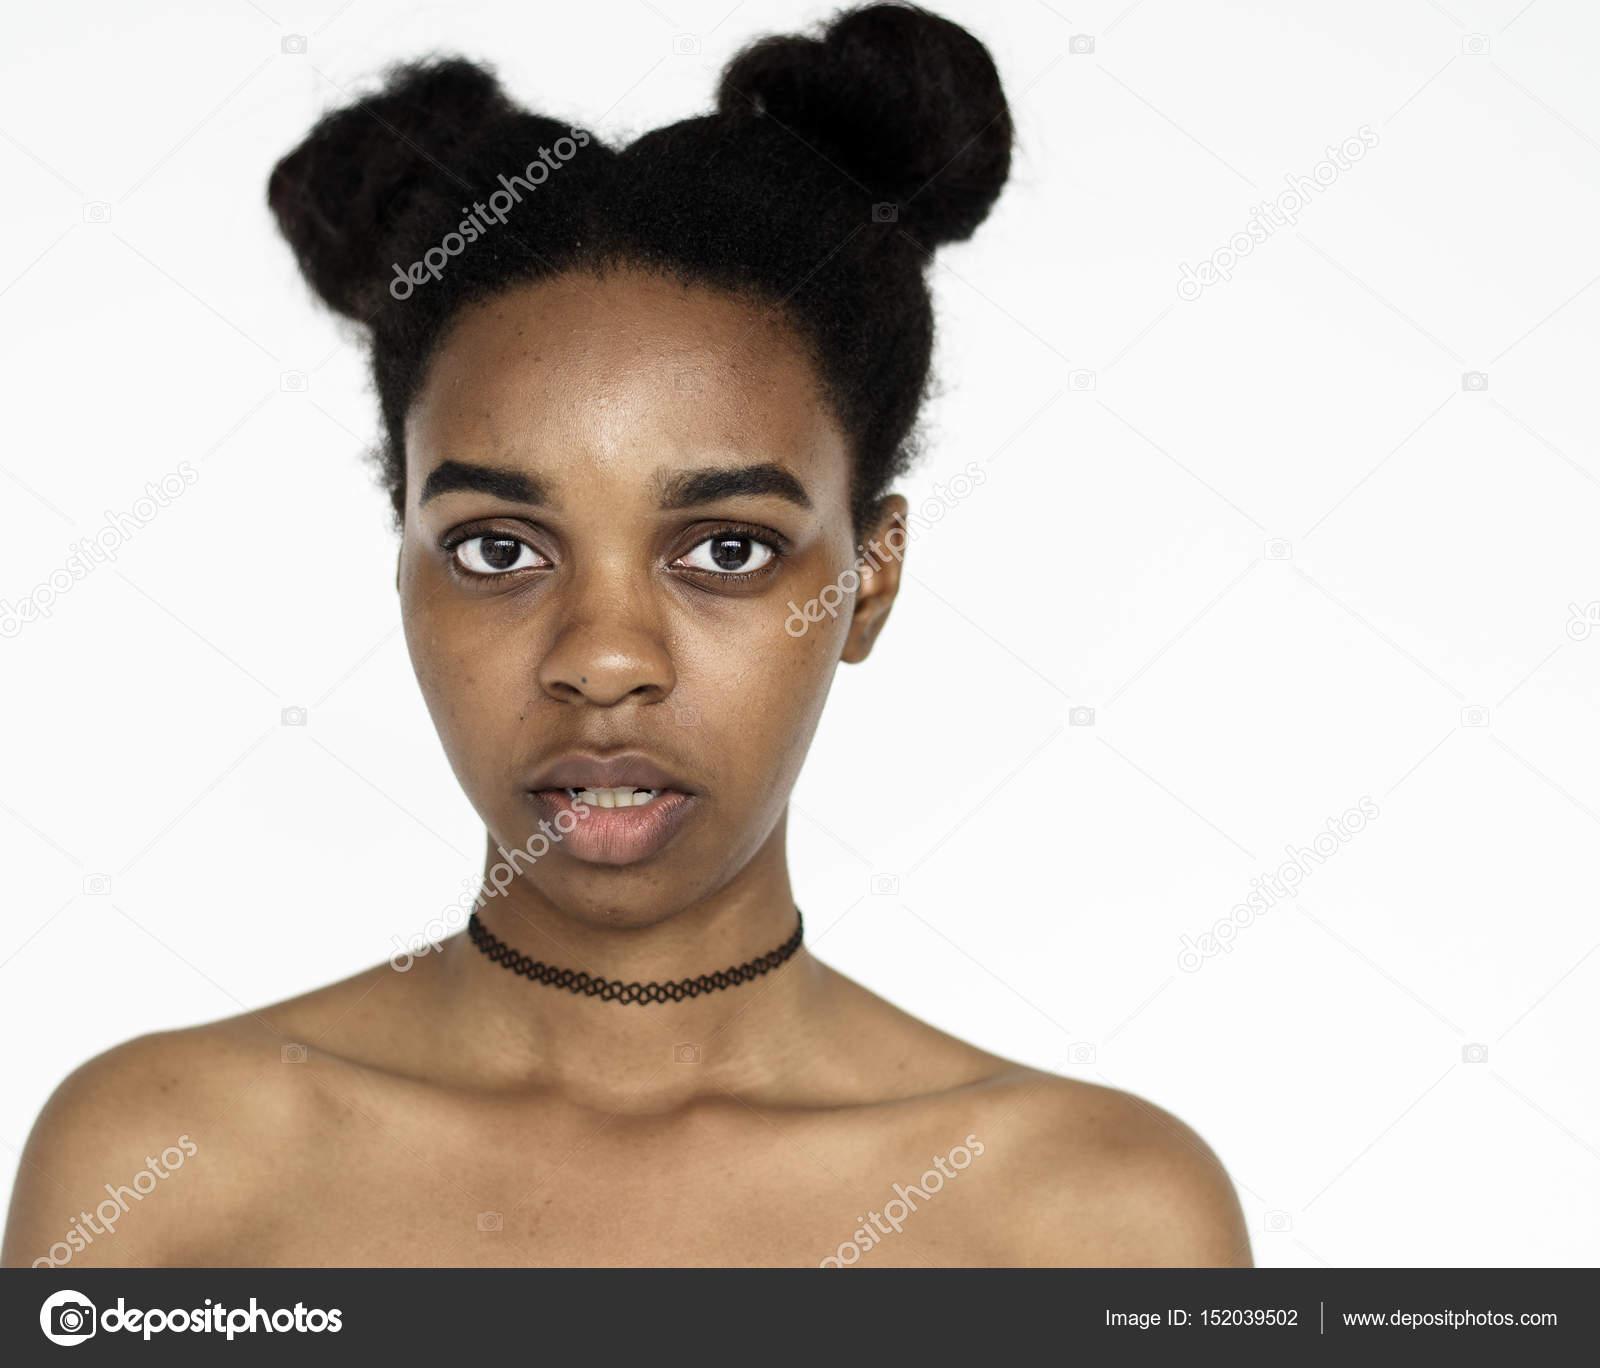 Bilder von nackten Teenager-Mädchen